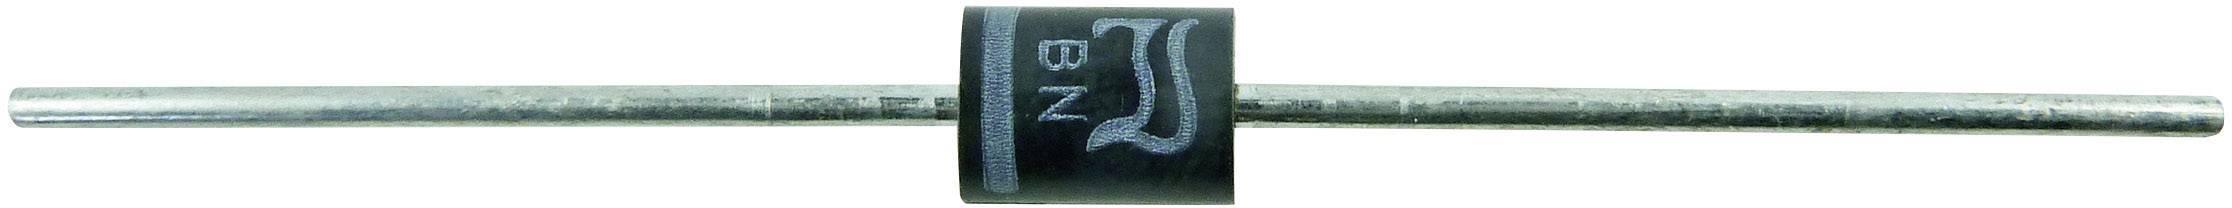 Schottkyho usmerňovacia dióda Diotec SB12H40, 12 A, 40 V